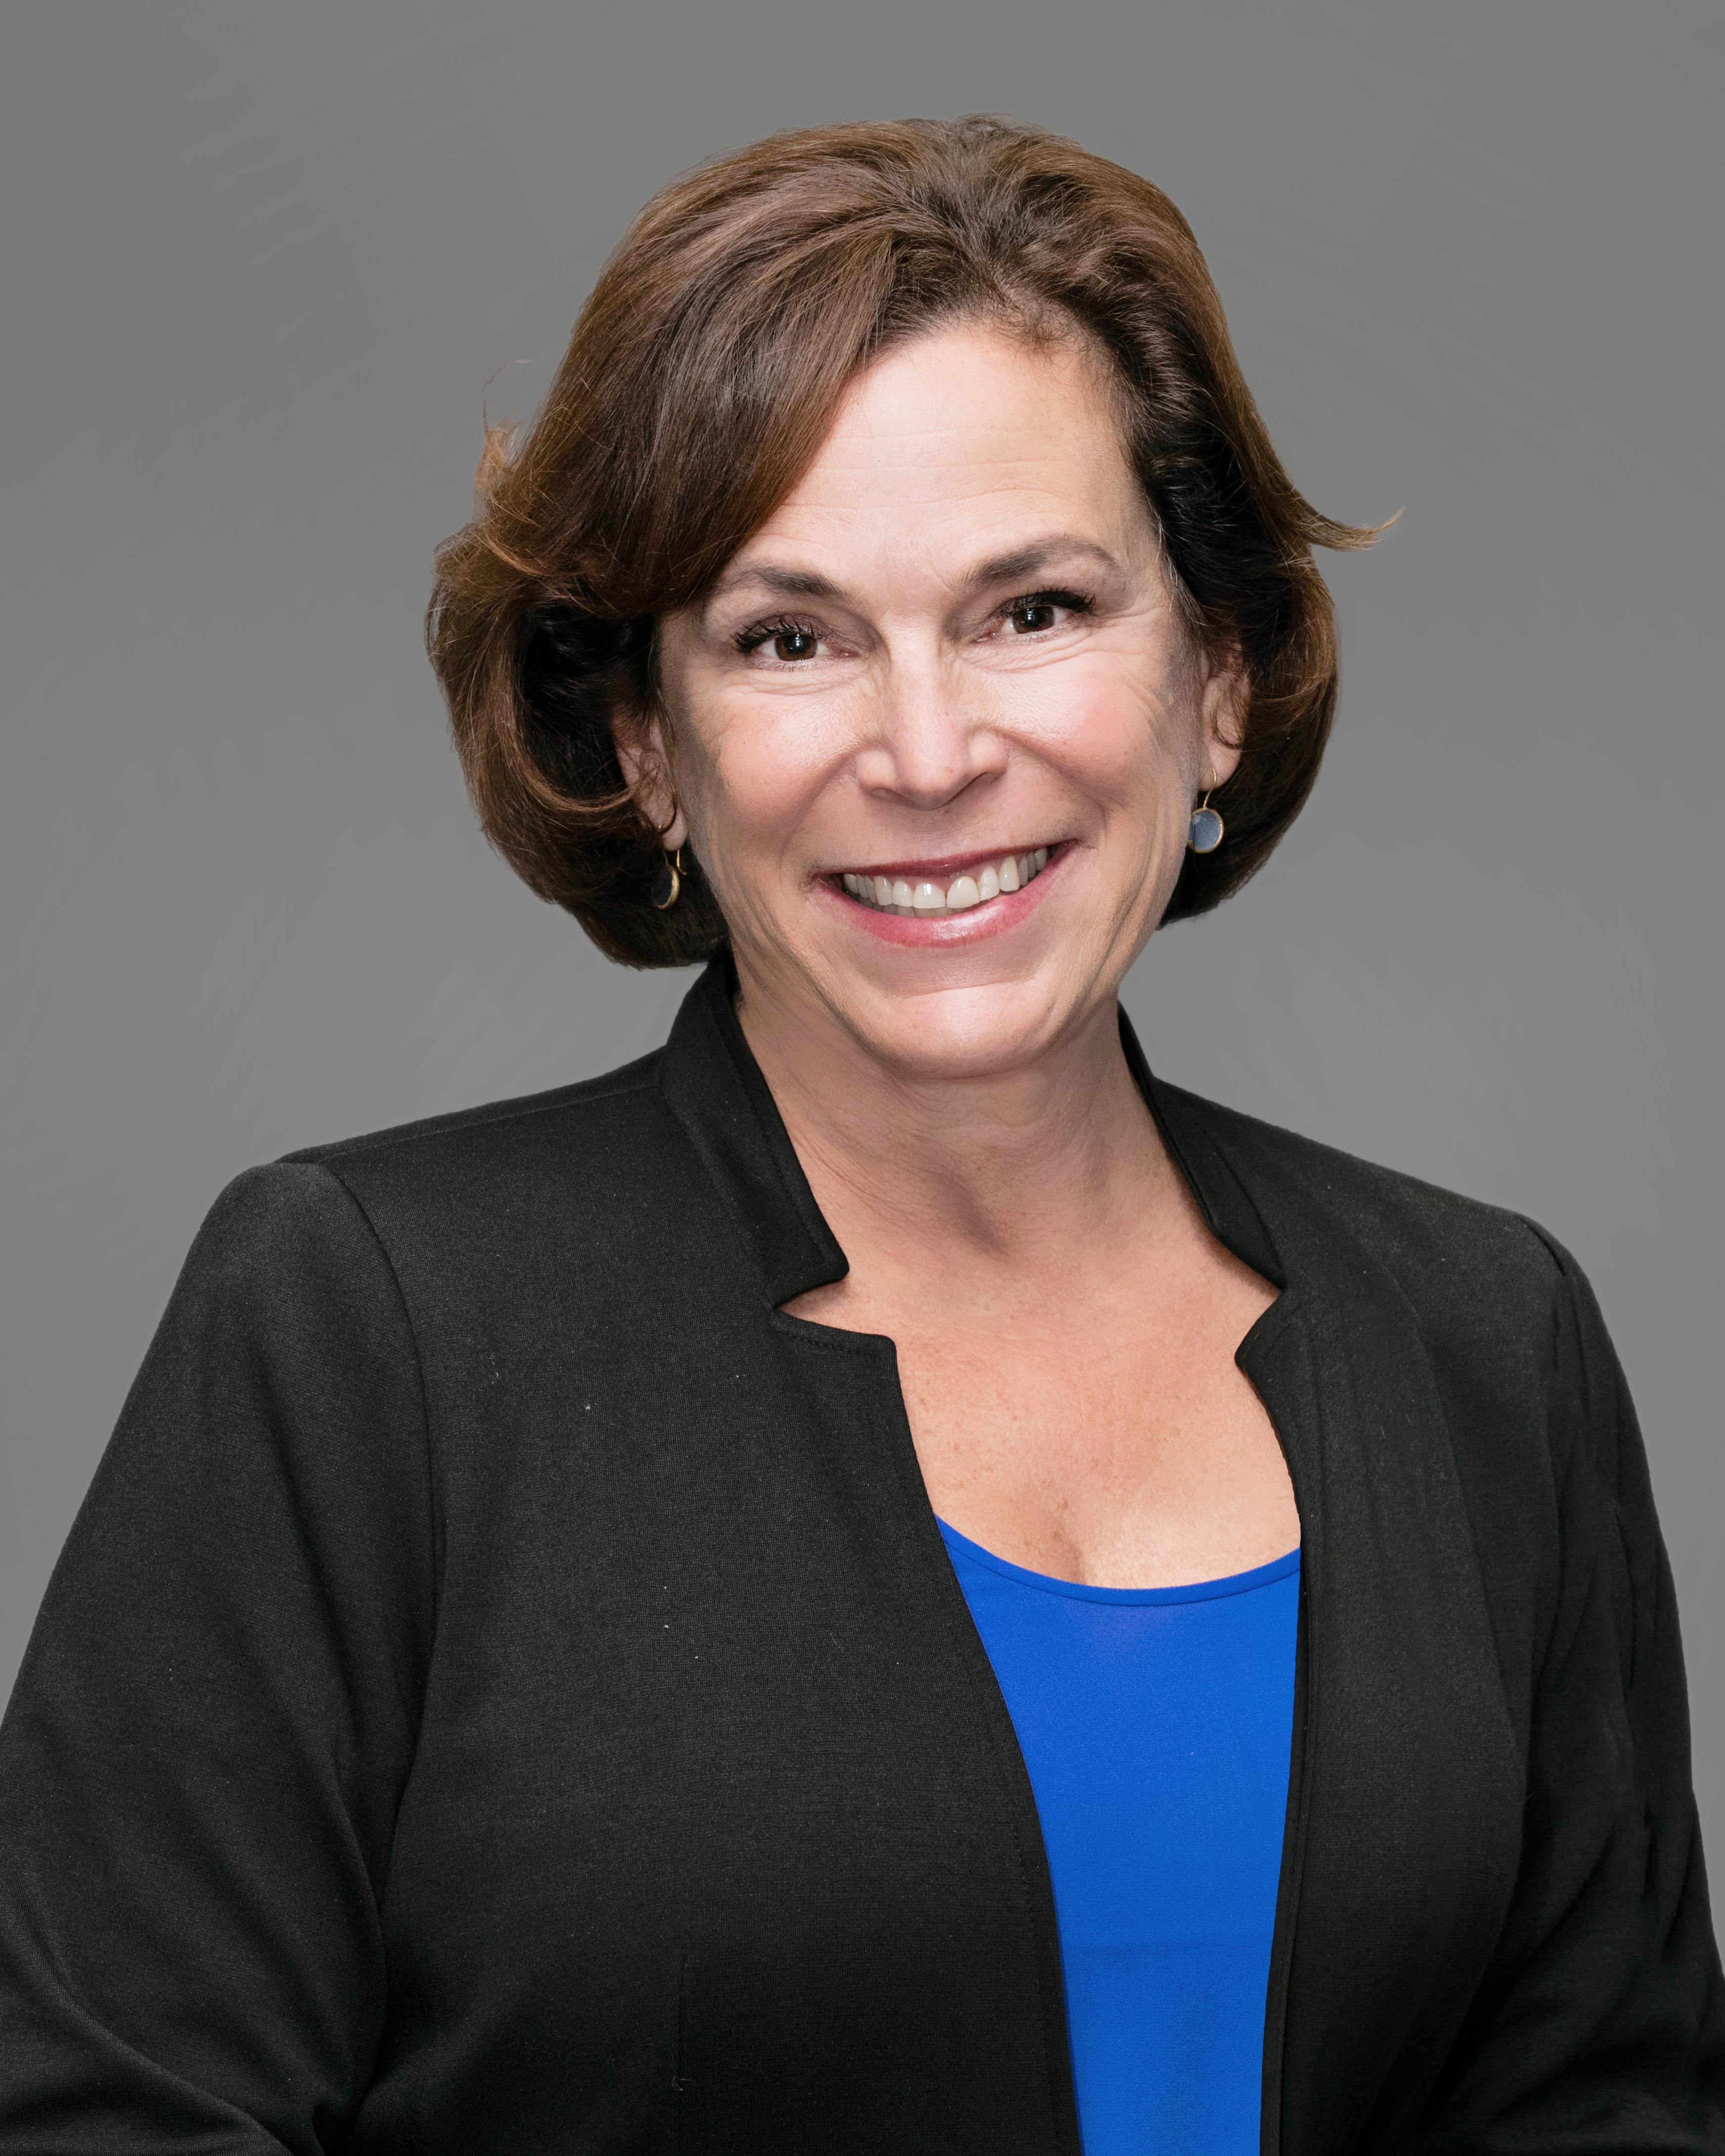 Lisa   M. Kajani